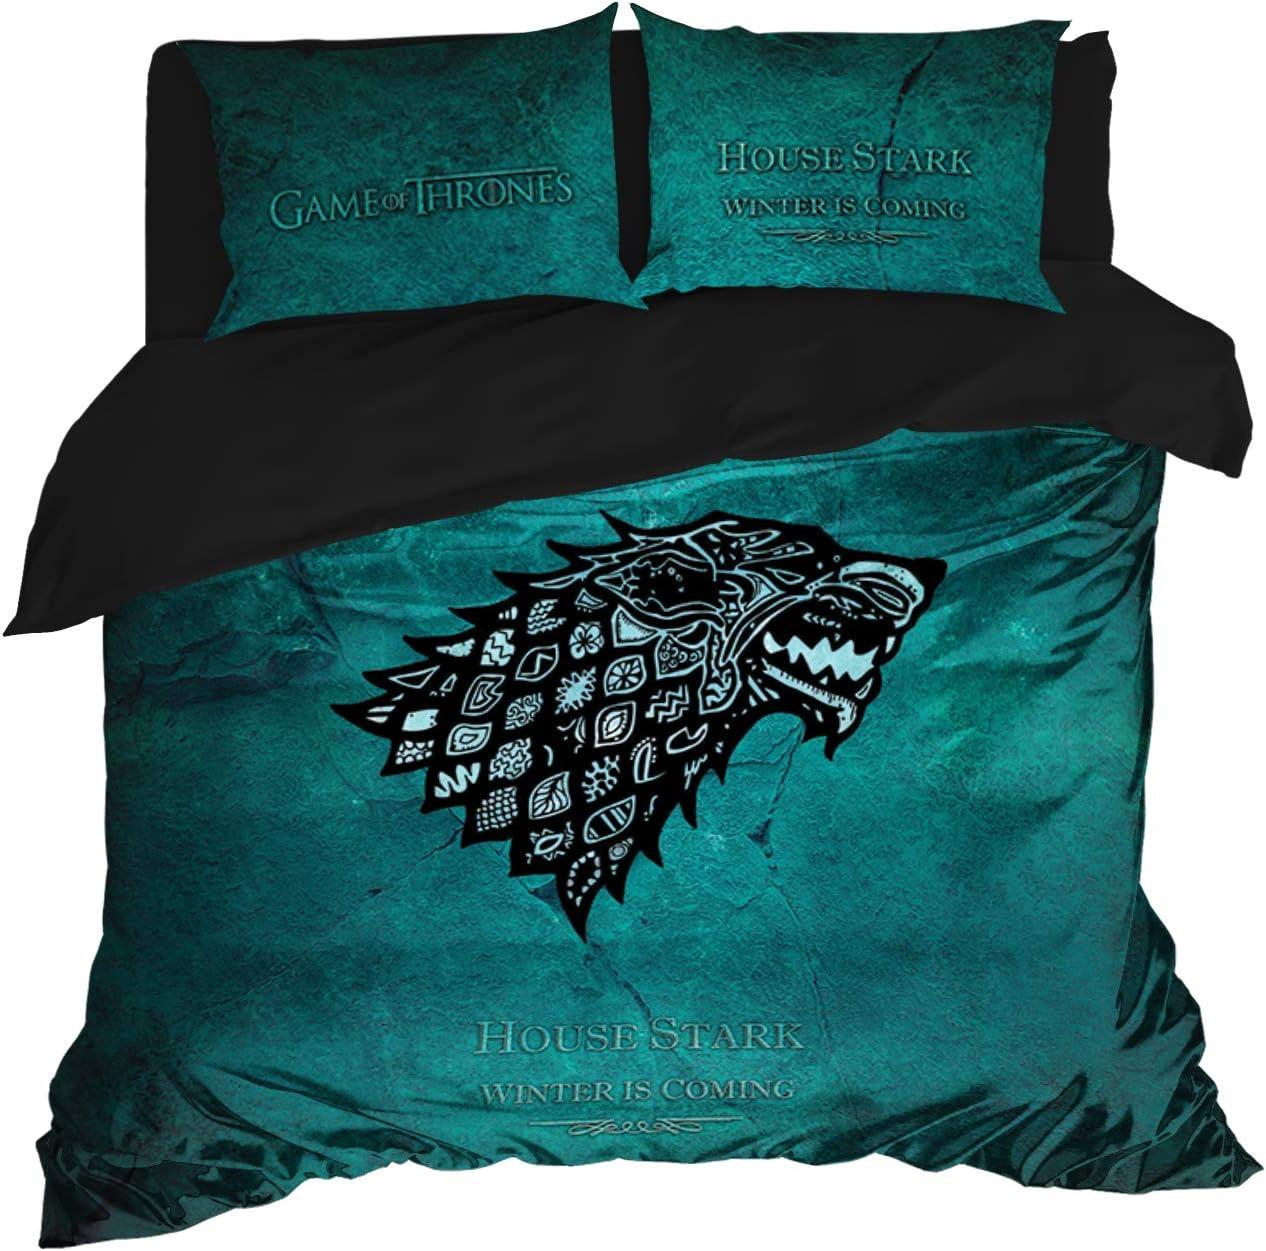 Bedding Set Game of Thrones Inspired 新作アイテム毎日更新 Fam Cover 人気ブランド多数対象 Duvet Stark